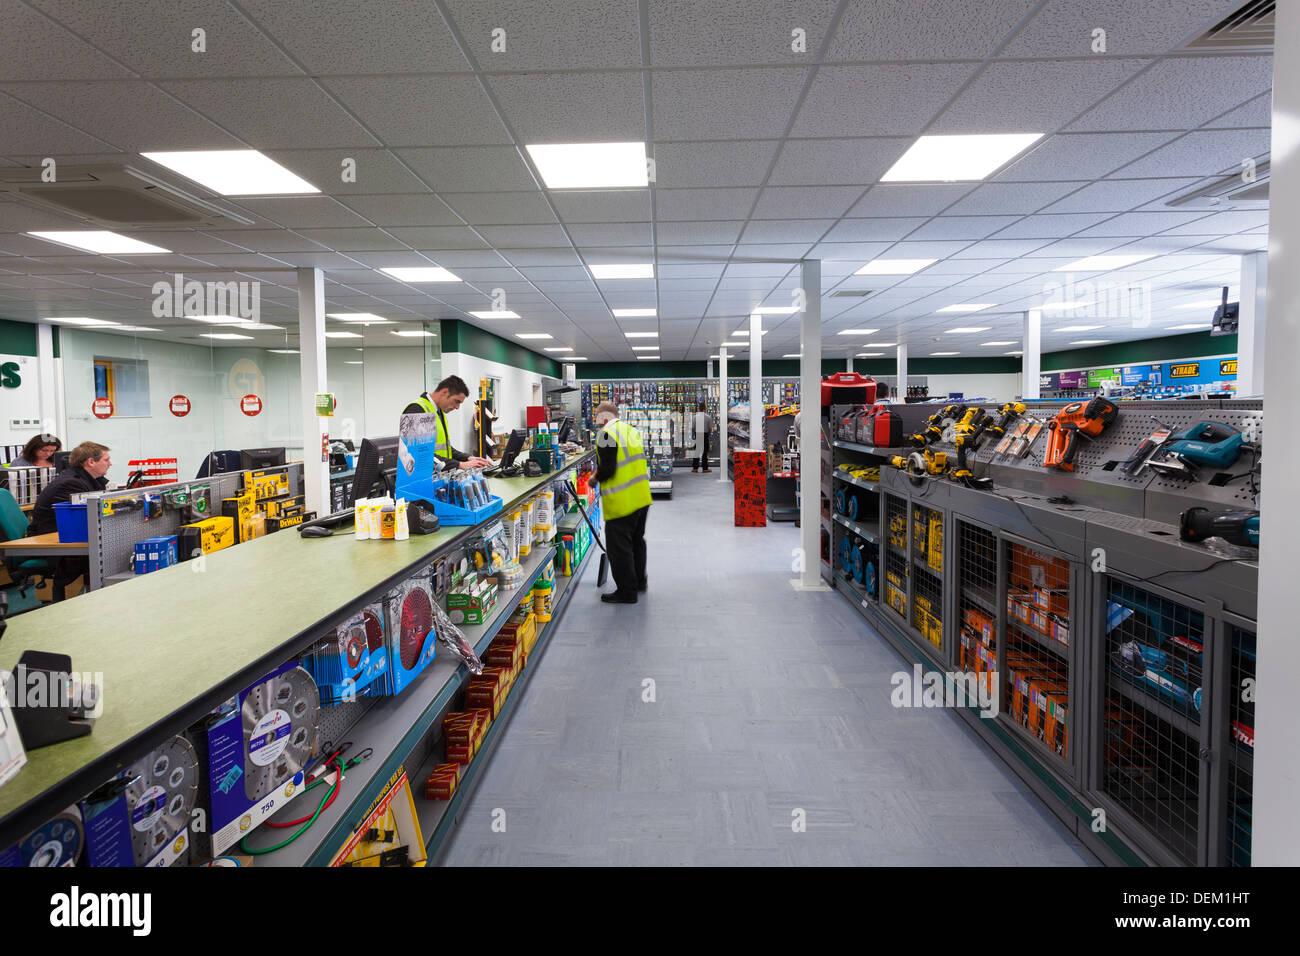 sales counter in Travis Perkins Builders Merchants shop - Stock Image